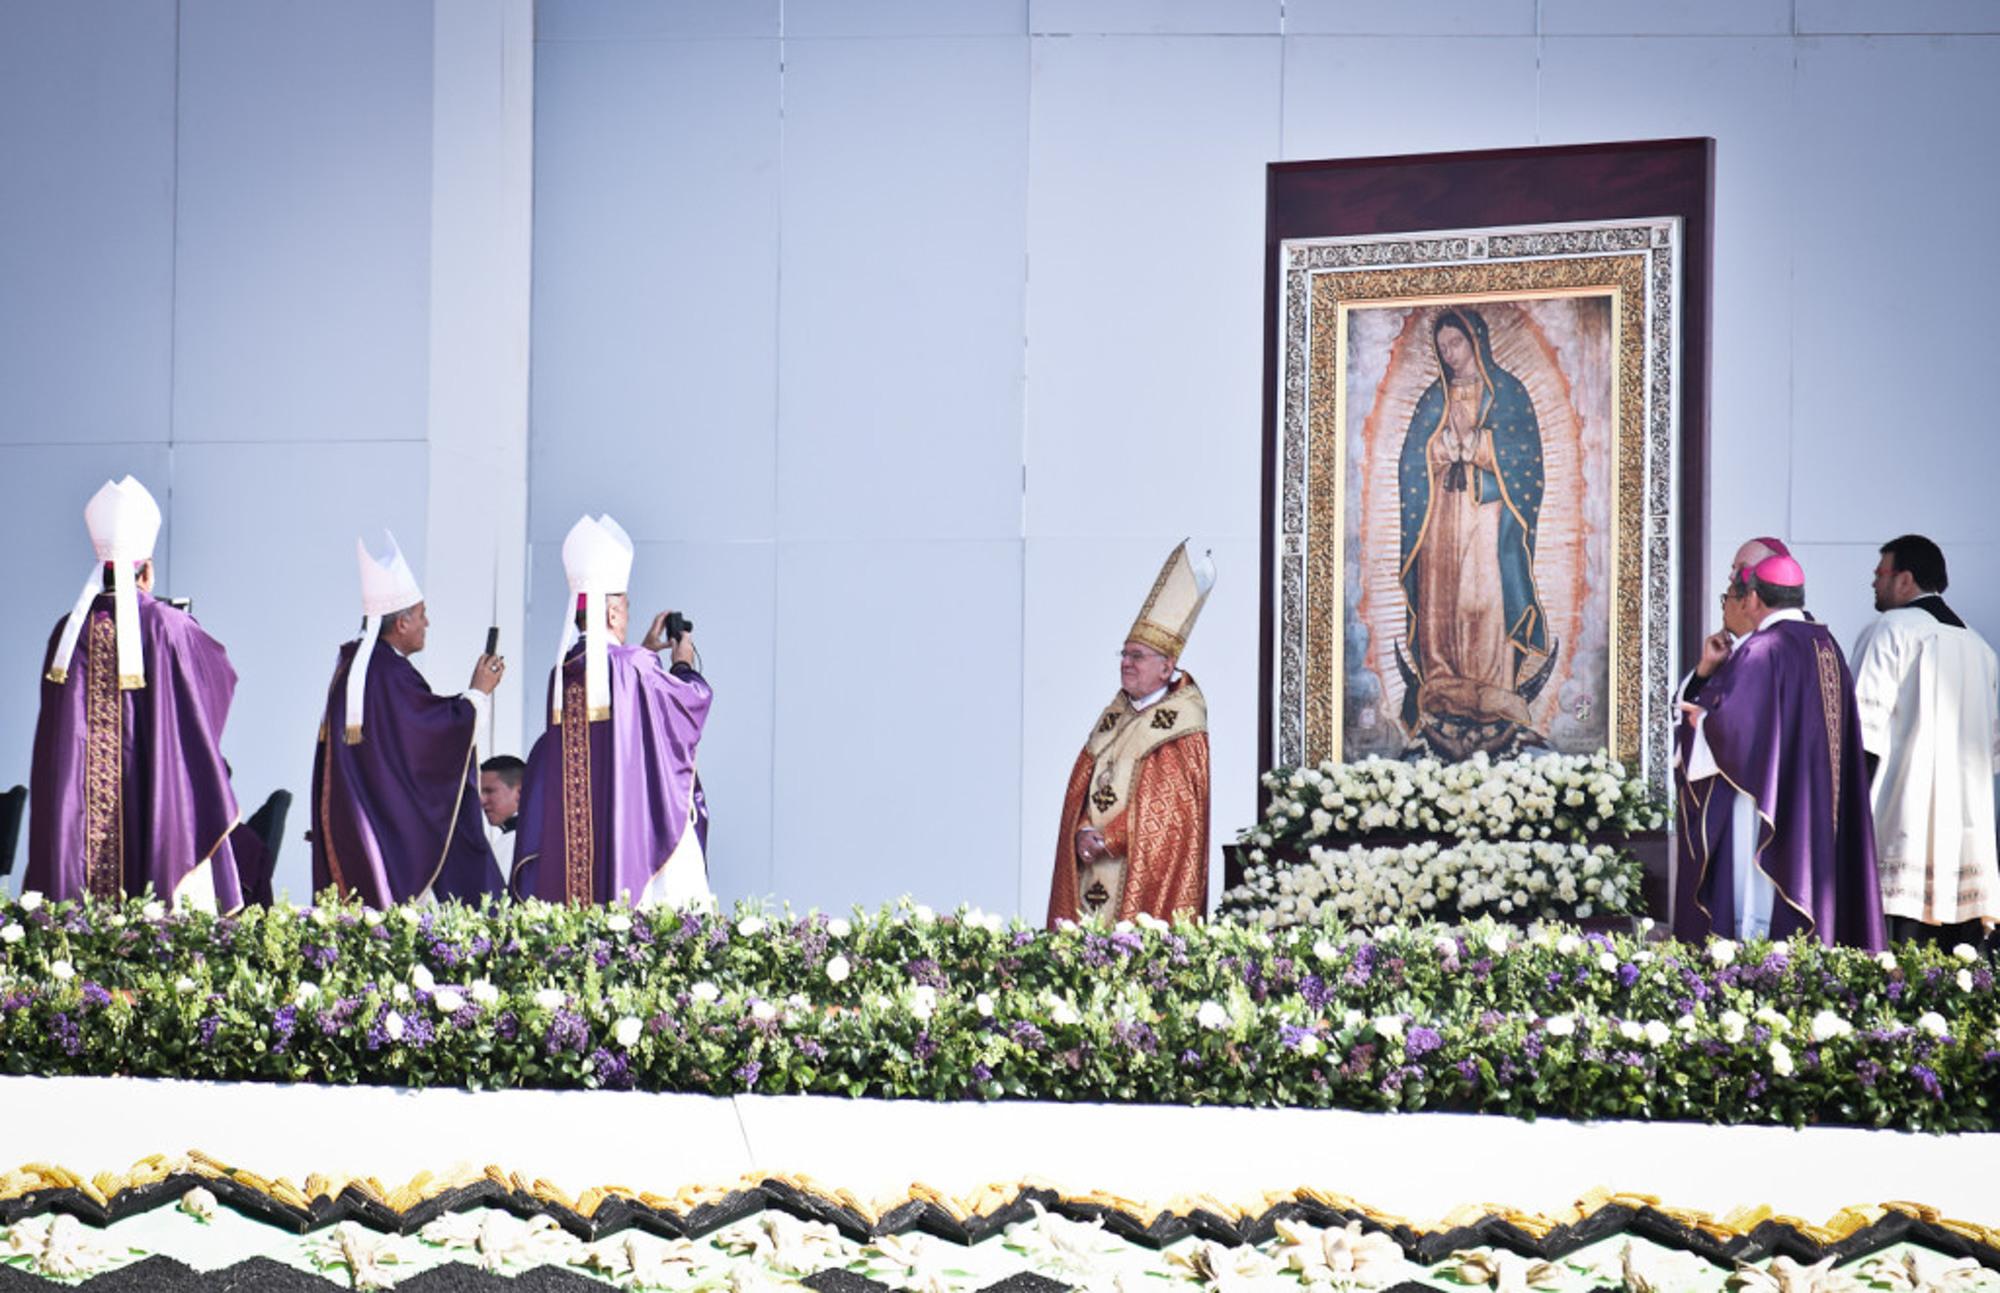 La cobertura periodística de la visita del Papa Francisco a México, estuvo a cargo de Orus Villacorta Aguilar, co-editor de FACTUM. Foto FACTUM/Orus Villacorta Aguilar